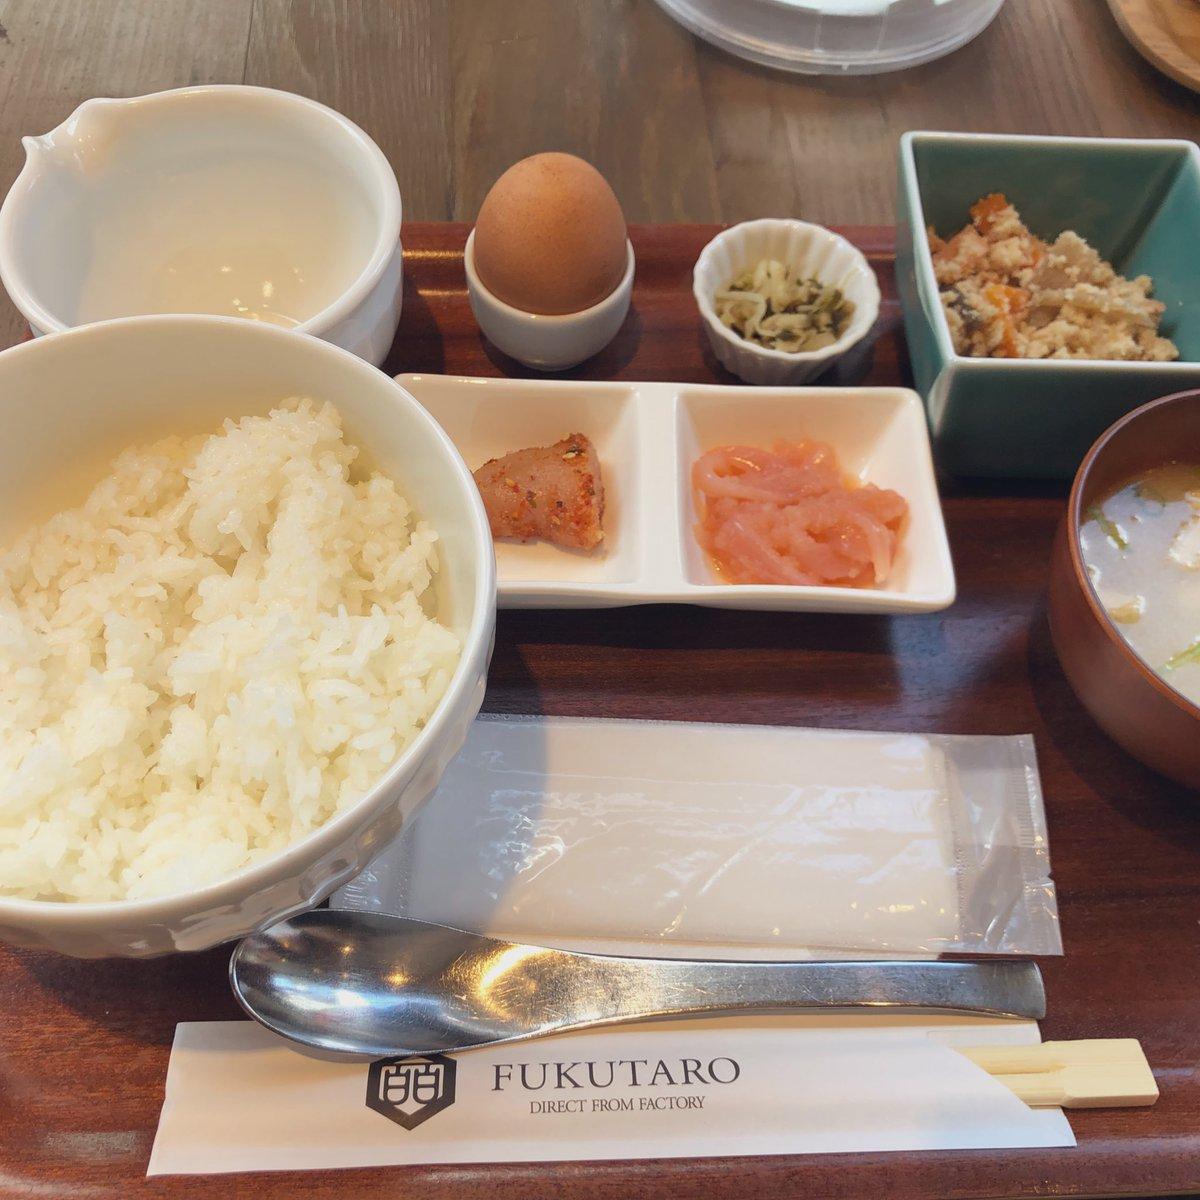 test ツイッターメディア - 福太郎のめんべいで思い出したけど、福岡で食べためんたいこ、美味しかったなぁ。 めんたいこ×生卵の美味しさに目覚めたのもこの時だった気が…。 写真見たら2年前の夏だったよ。また食べに行きたい! https://t.co/etMHngY1if